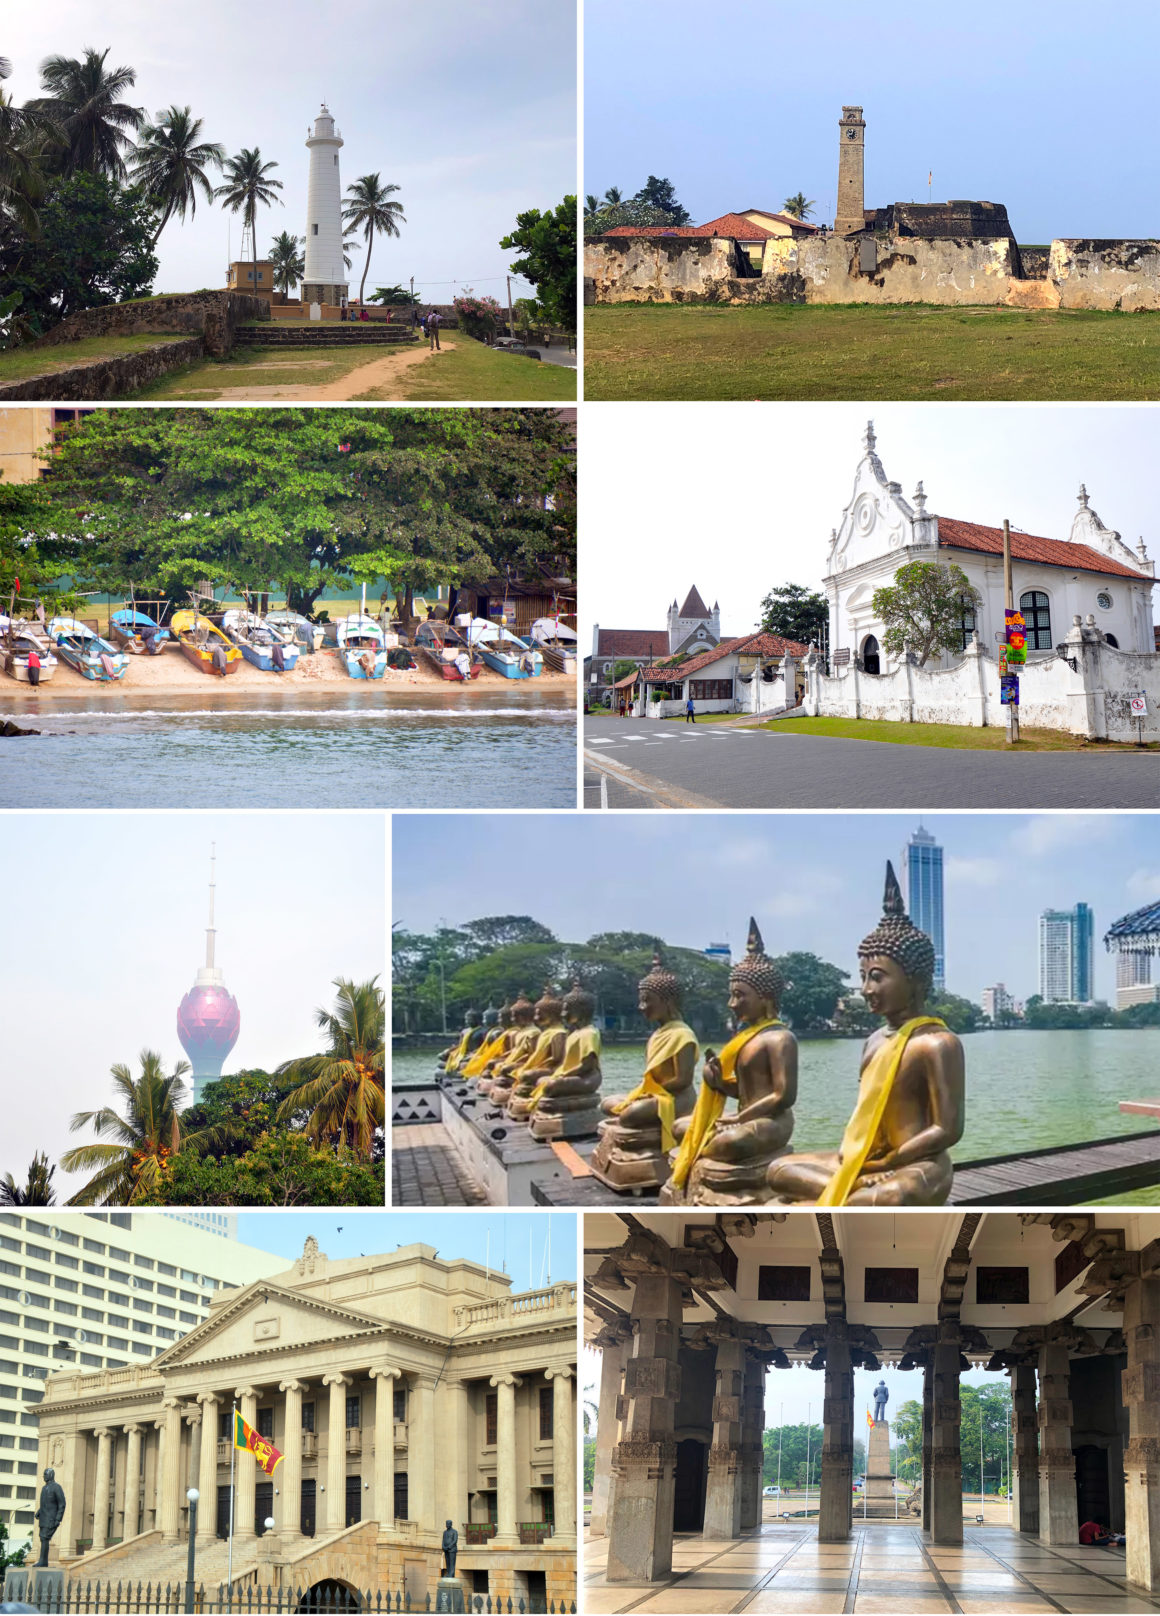 ruta por Sri Lanka en 8 días ruta por sri lanka en 8 días - thewotme galle colombo unawatuna sri lanka 1160x1616 - Nuestra ruta por Sri Lanka en 8 días, diario de viaje